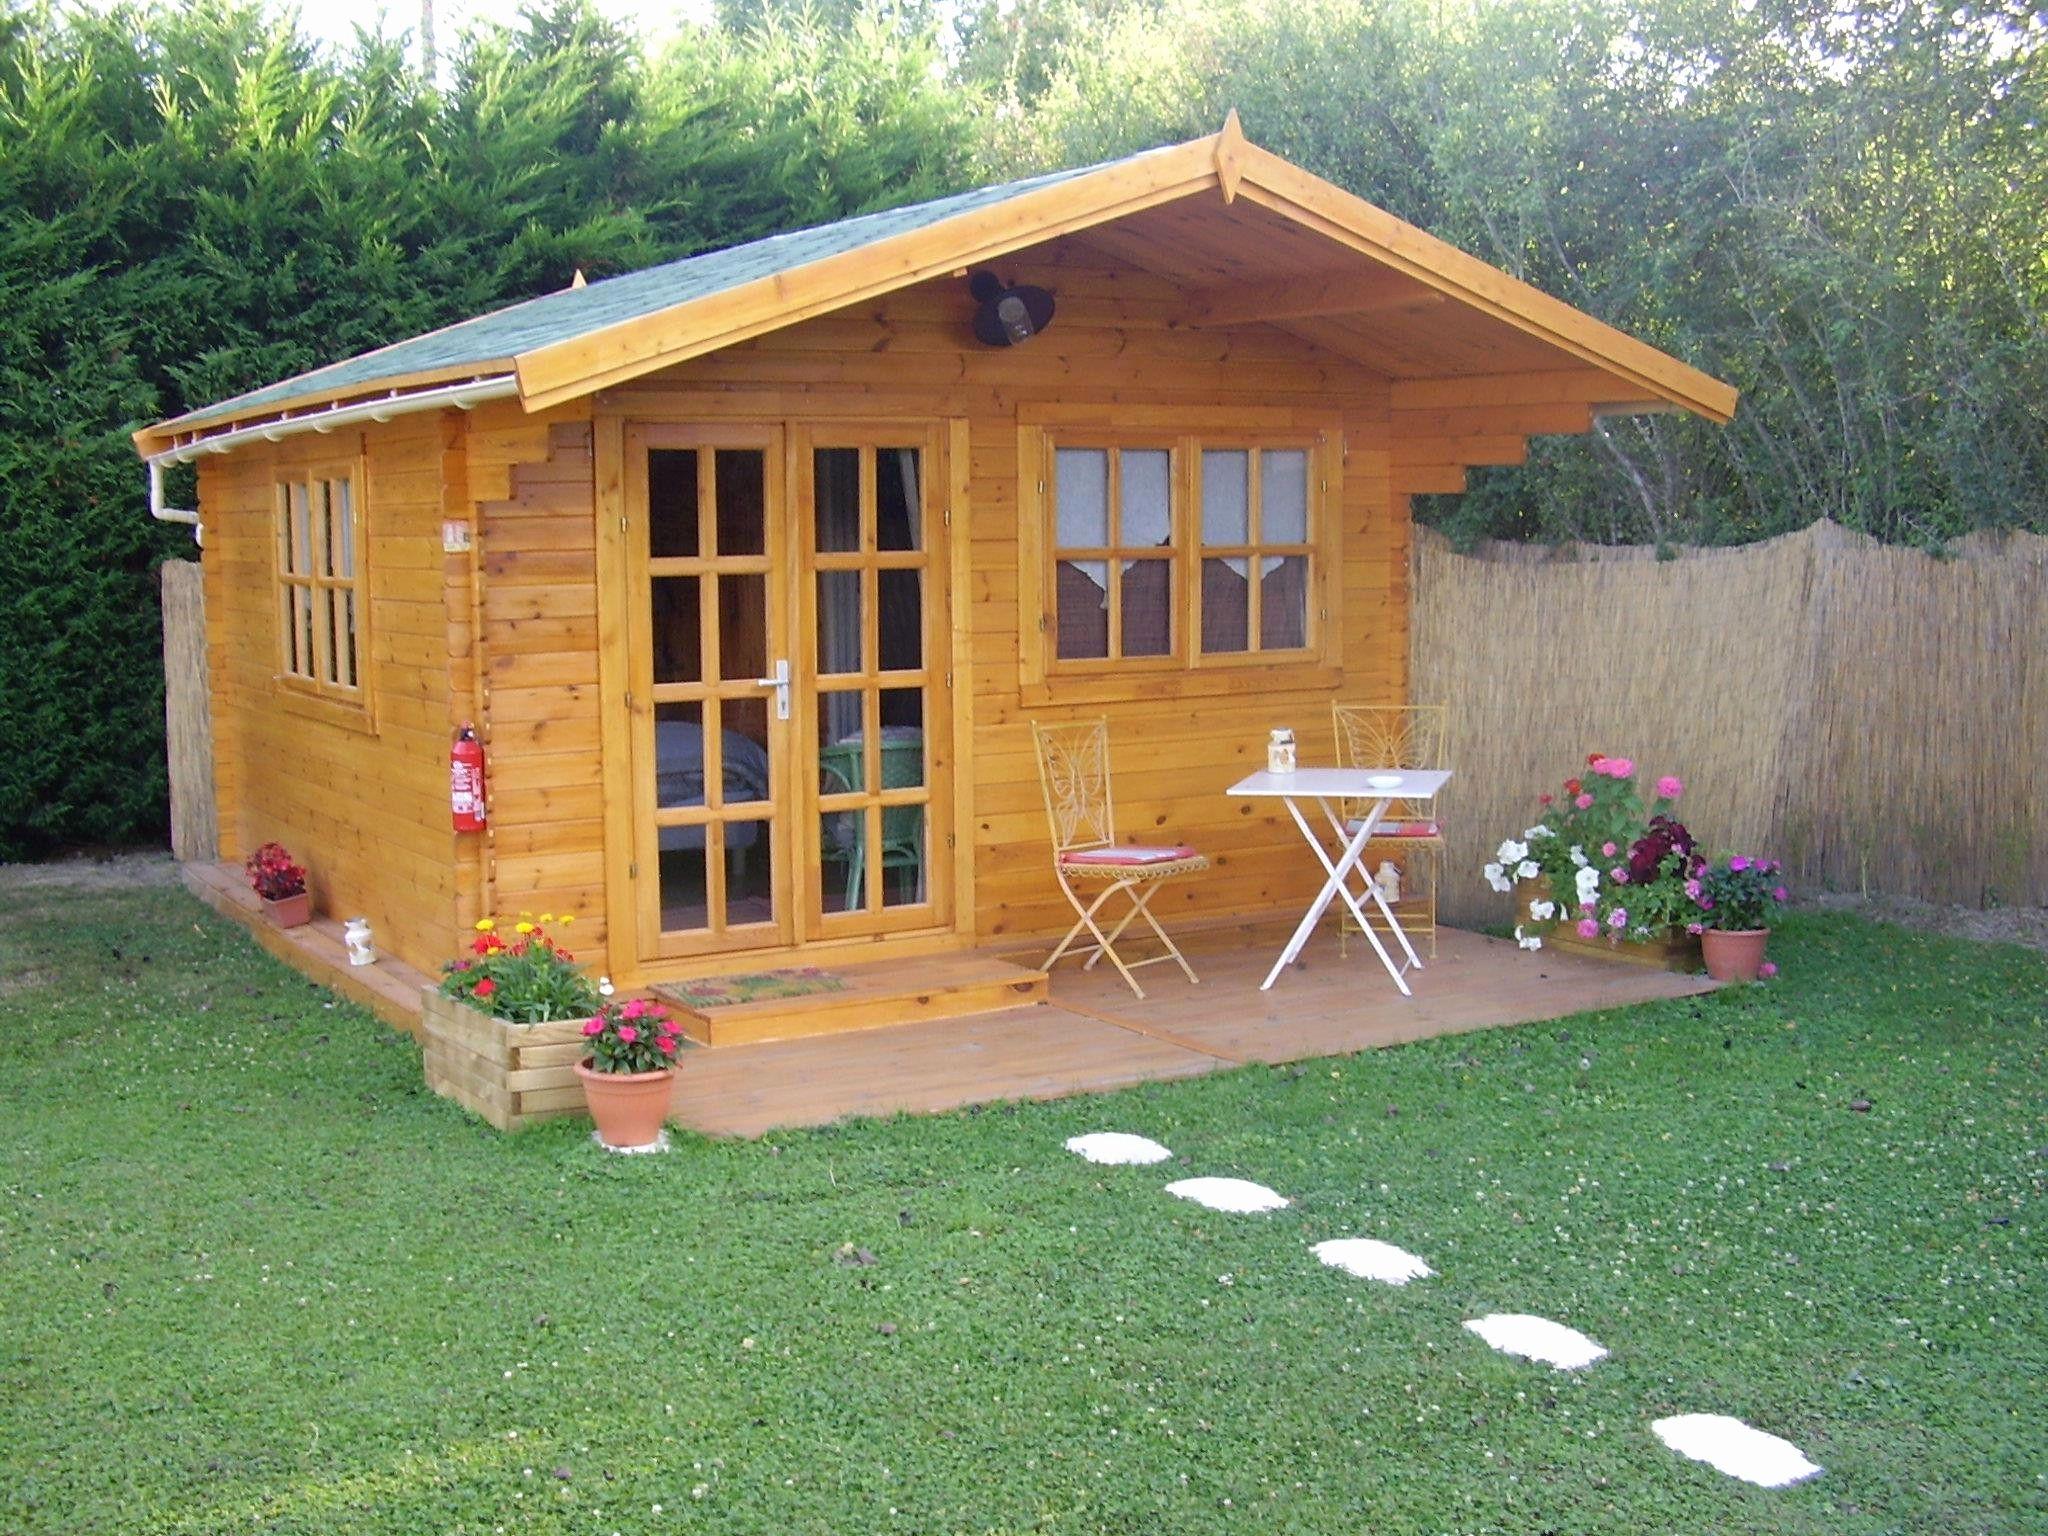 Abri Jardin Bois Pas Cher Nouveau Construire Une Cabane En Bois Abri De Jardin Bois Cabane Bois Chalet De Jardin